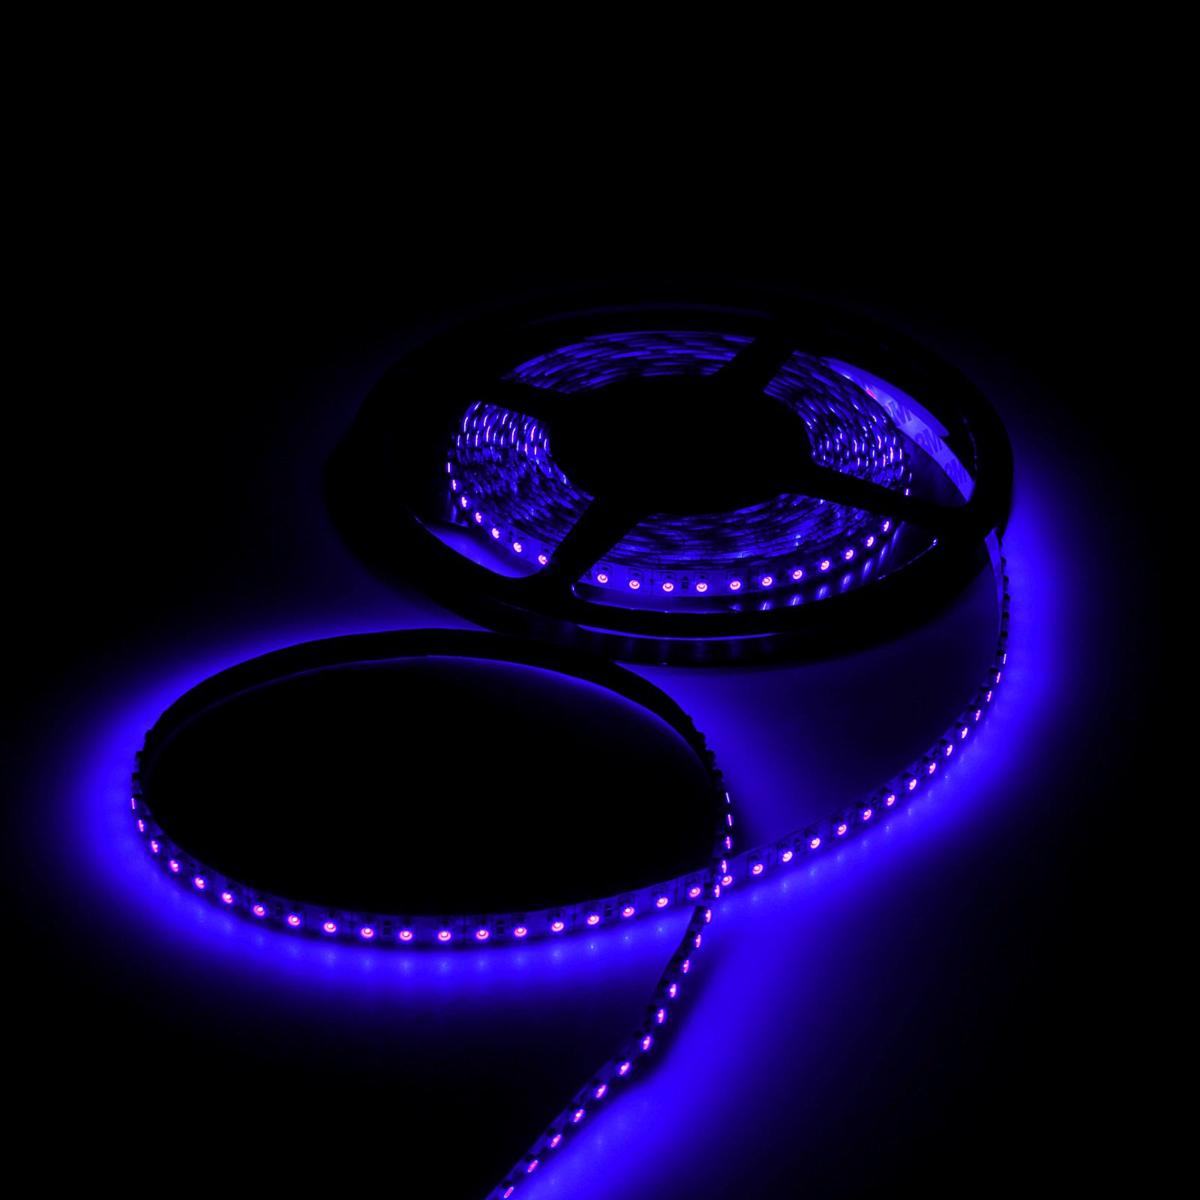 Светодиодная лента Luazon, 12В, SMD3528, длина 5 м, IP33, 120 LED ламп, 9.6 Вт/м, 6-7 Лм/1 LED, DC, цвет: синий. 883896883896Светодиодные гирлянды, ленты и т.д — это отличный вариант для новогоднего оформления интерьера или фасада. С их помощью помещение любого размера можно превратить в праздничный зал, а внешние элементы зданий, украшенные ими, мгновенно станут напоминать очертания сказочного дворца. Такие украшения создают ауру предвкушения чуда. Деревья, фасады, витрины, окна и арки будто специально созданы, чтобы вы украсили их светящимися нитями.